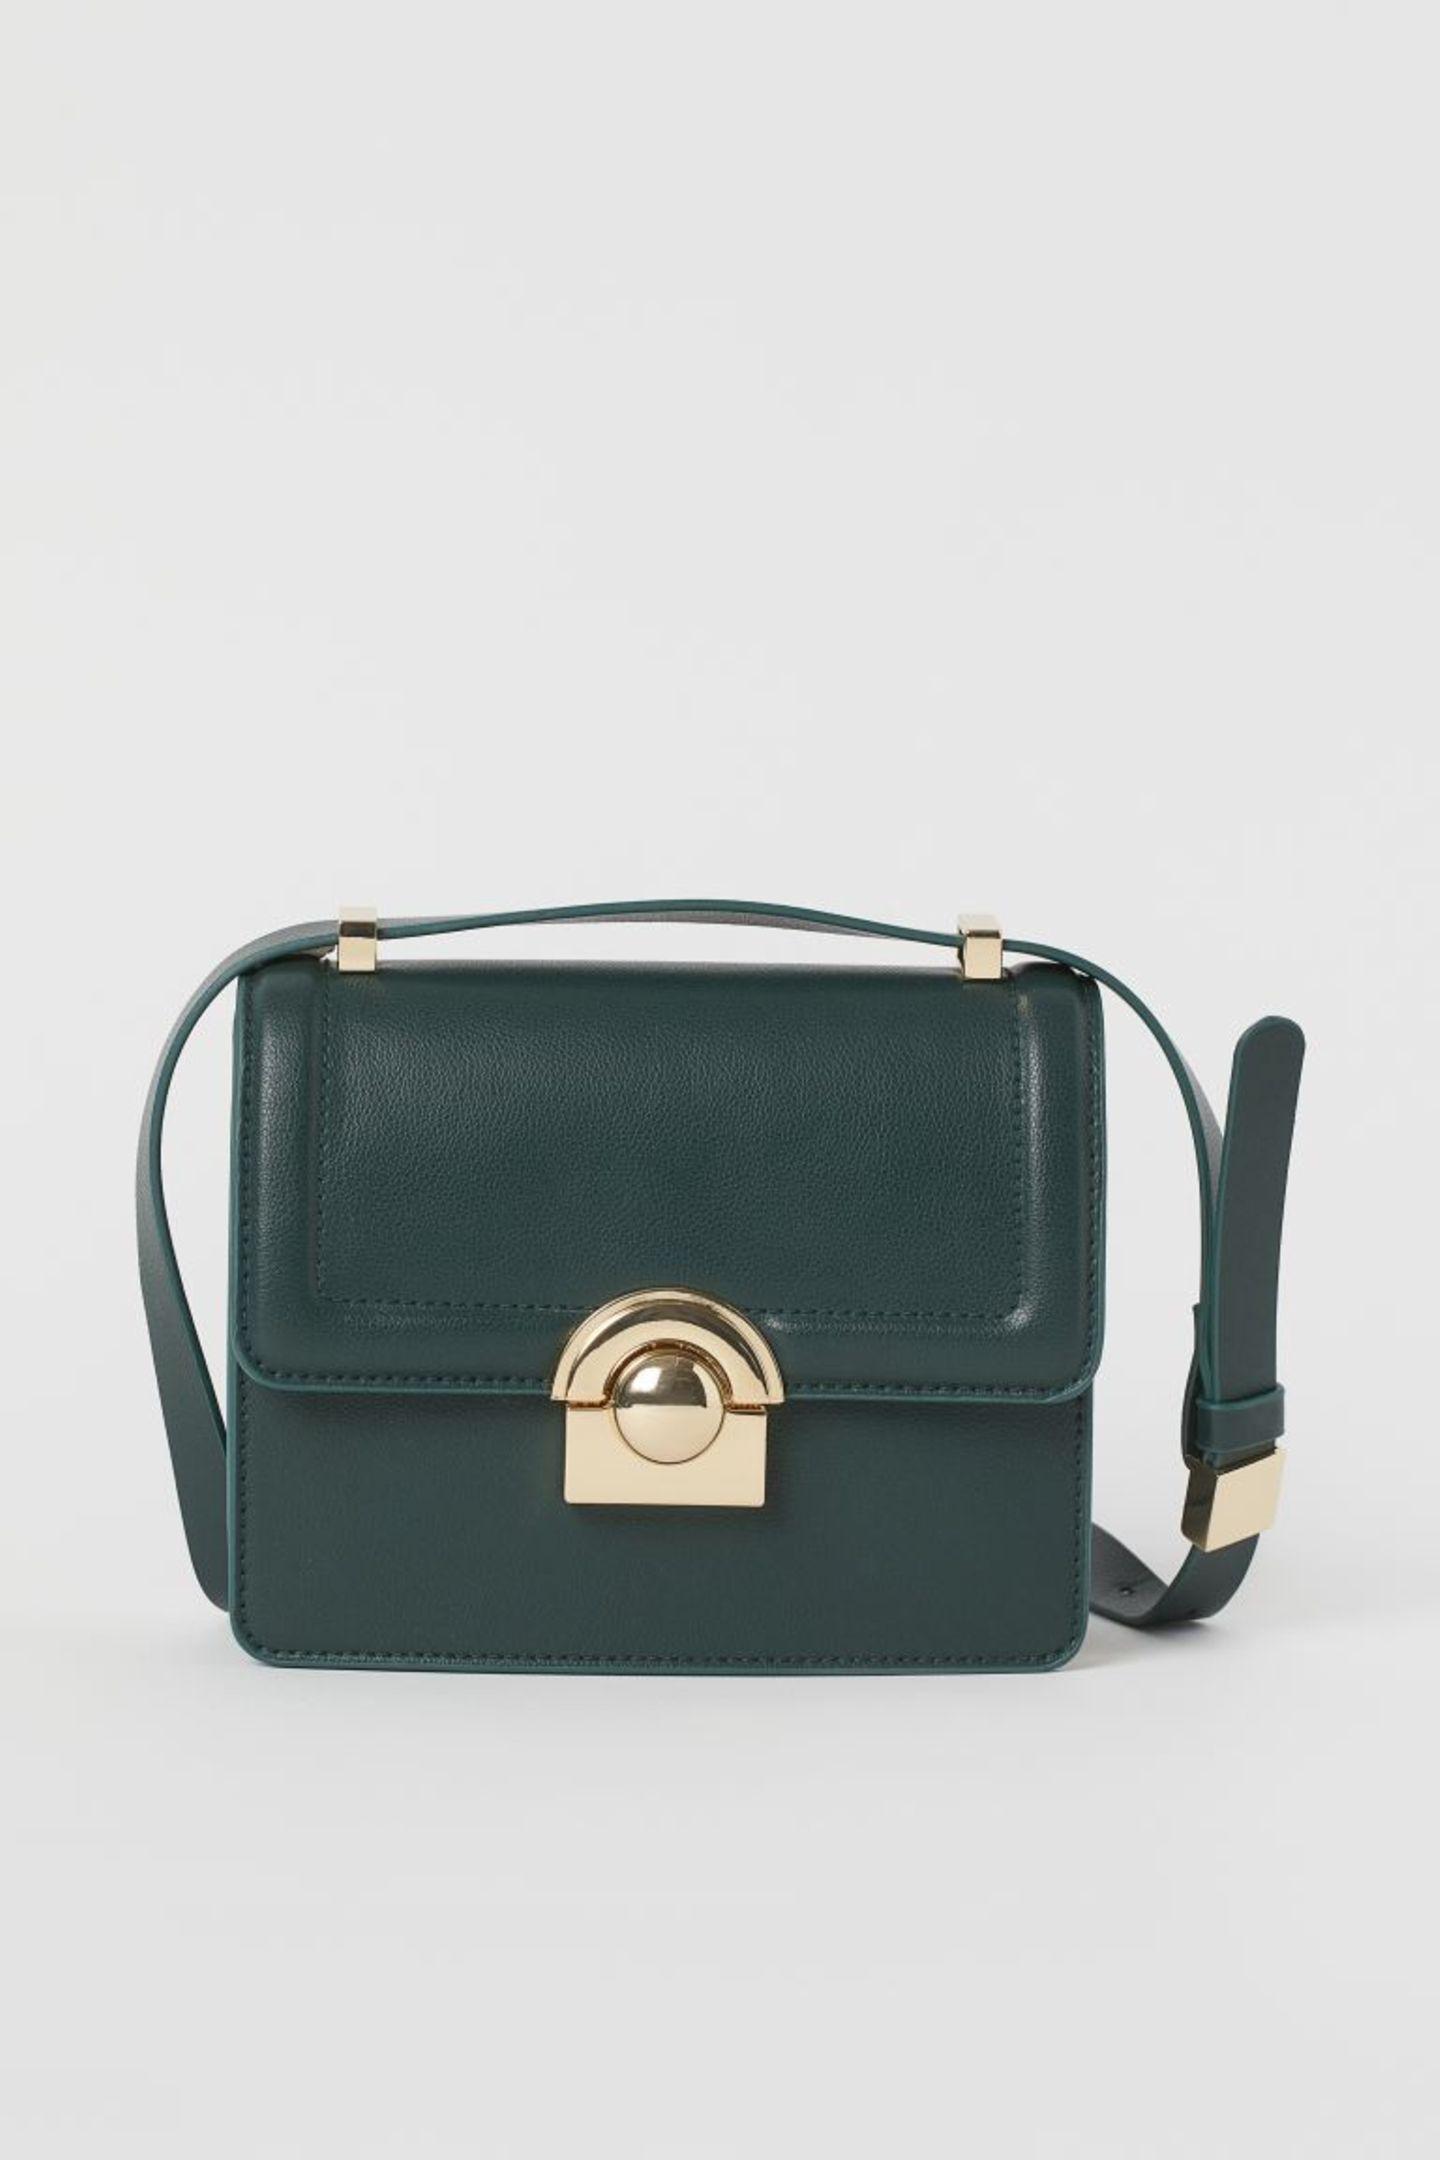 Crossbody-Bags: H&M Tasche in flaschengrün